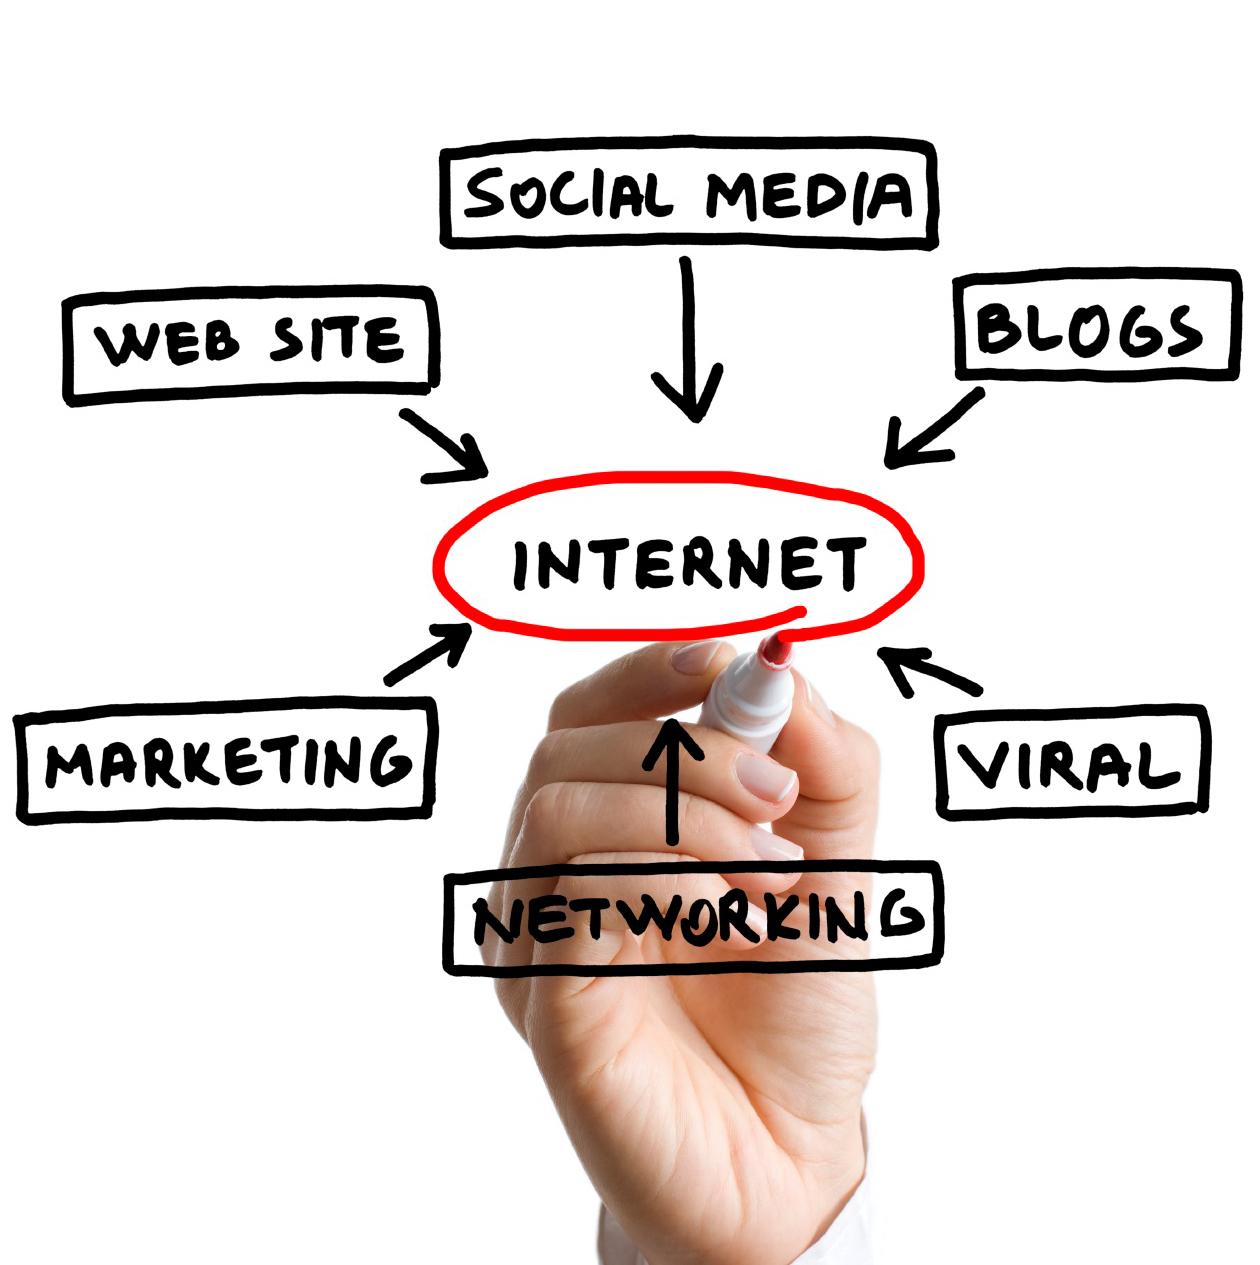 How Dubai has adopted Digital Marketing